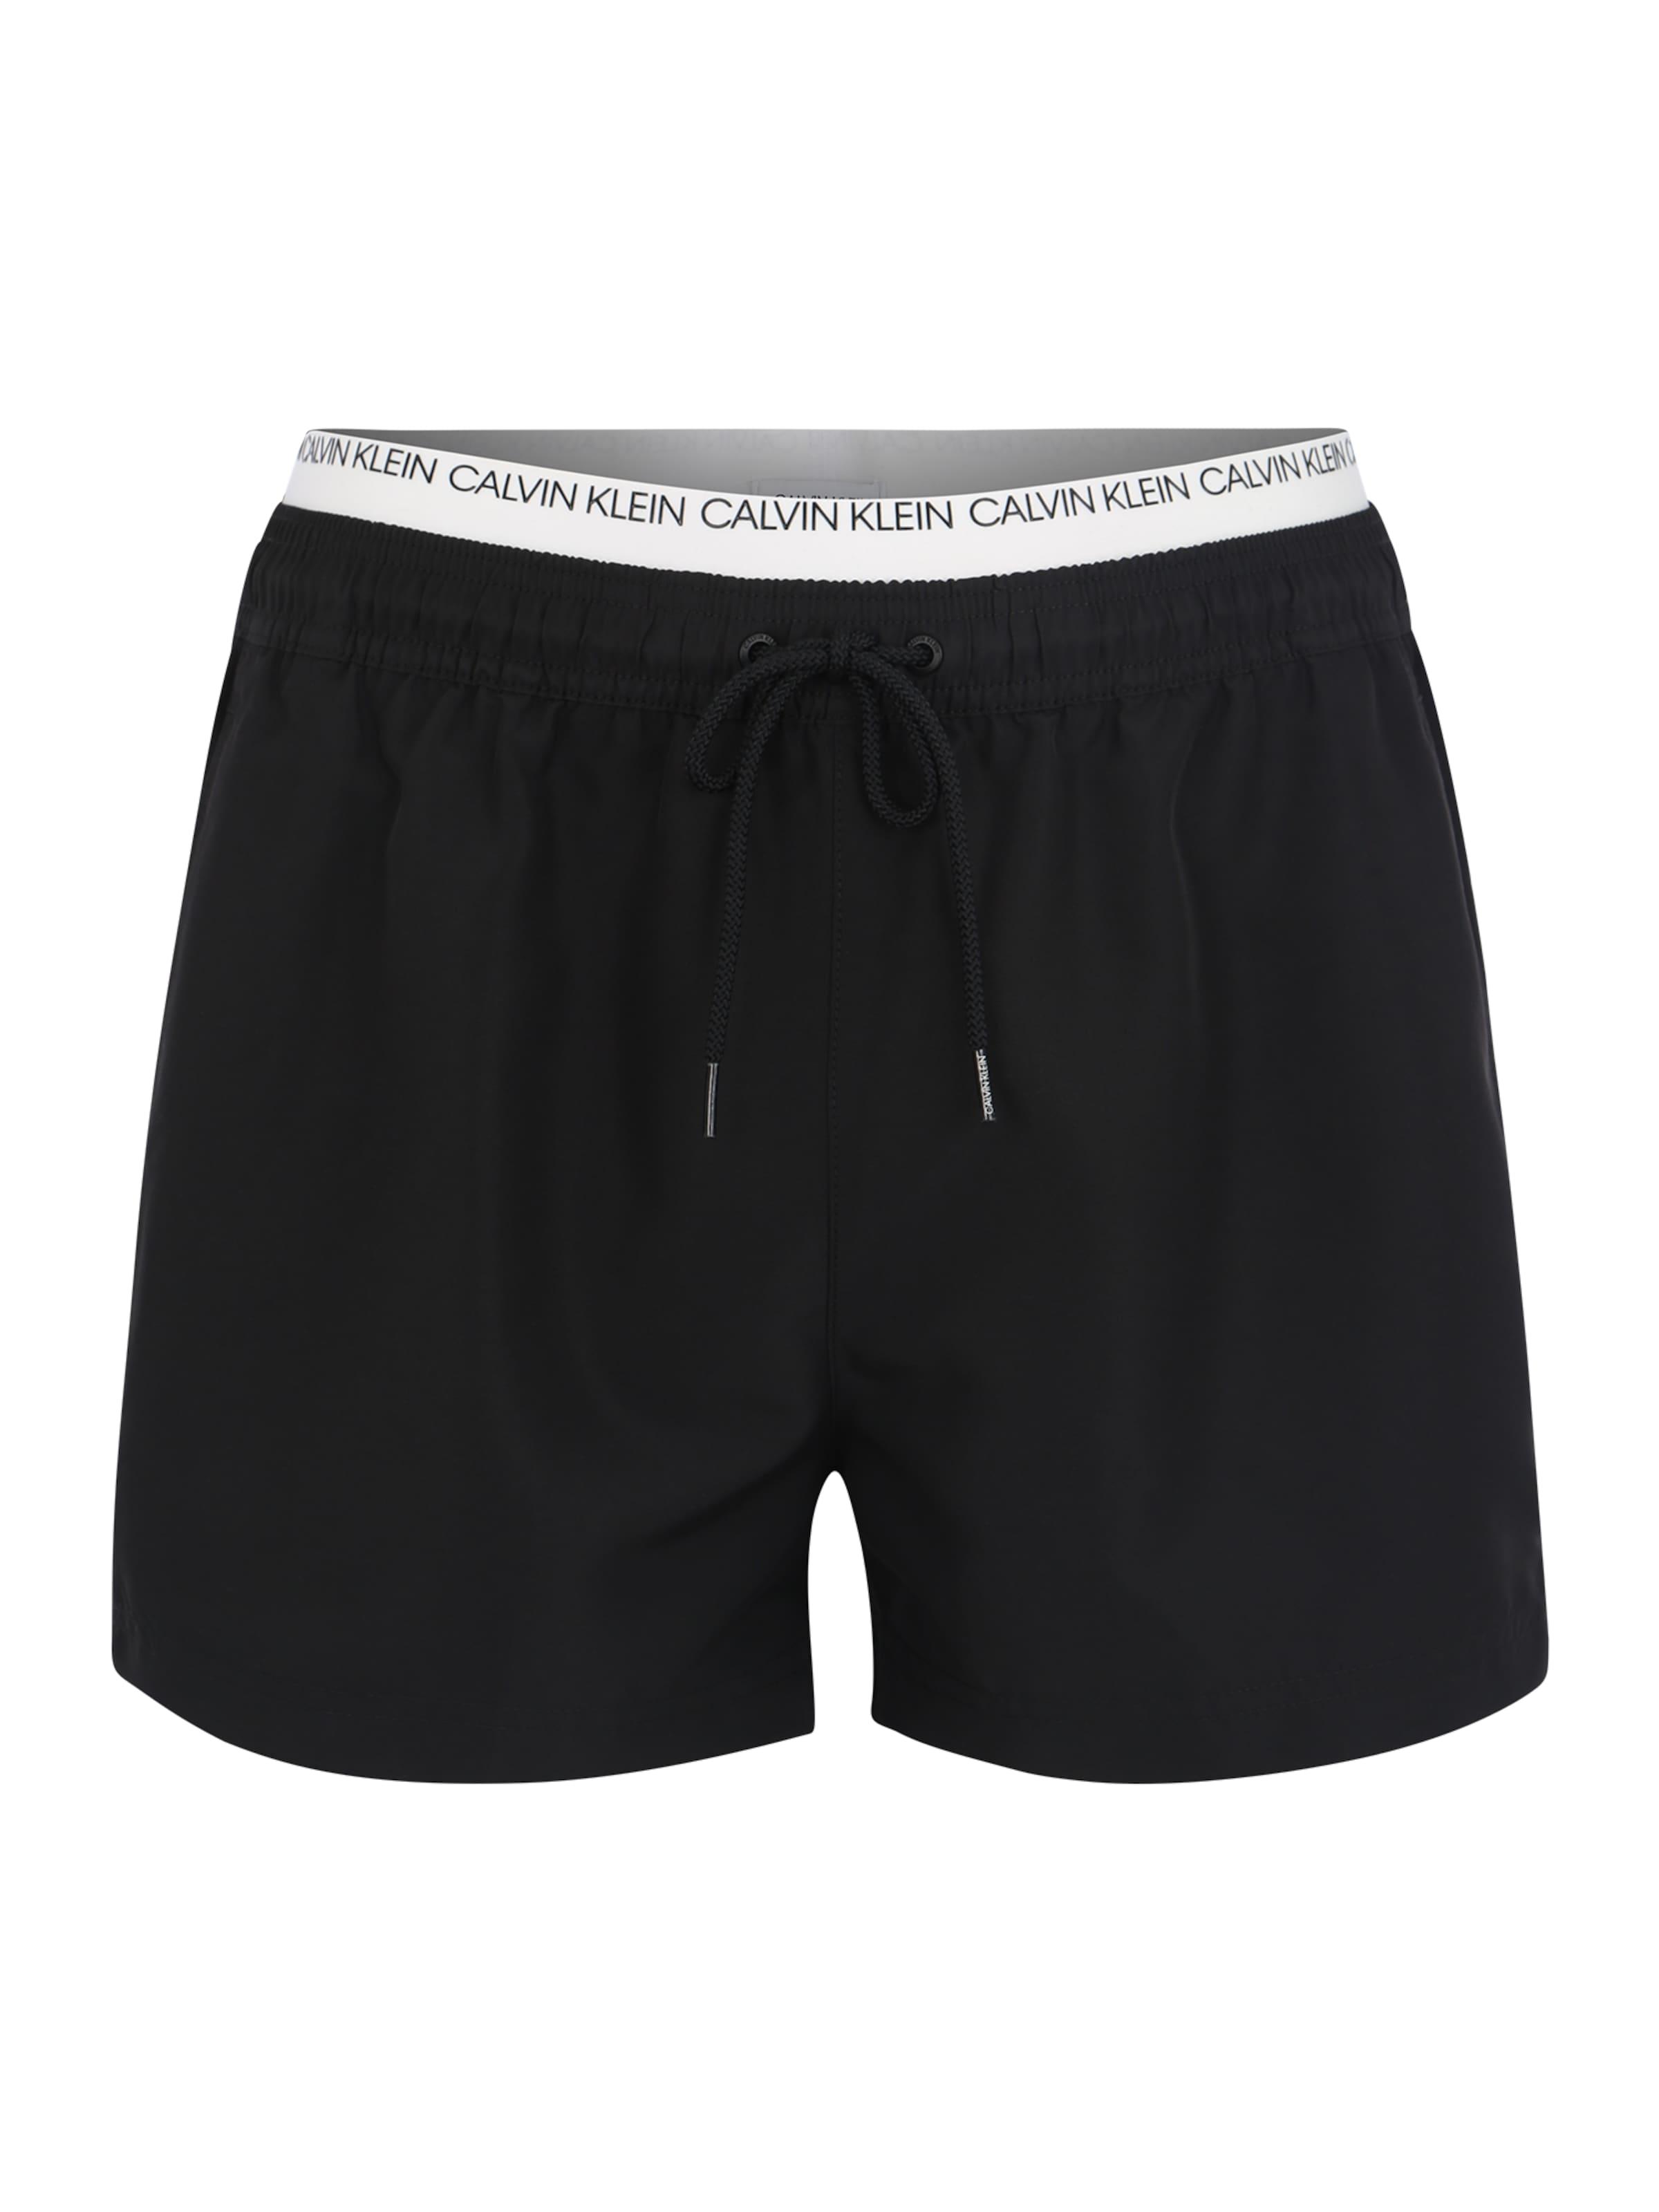 Klein Schwarz Waistband' 'double Badeshorts Swimwear In Calvin 5qc43LjSAR